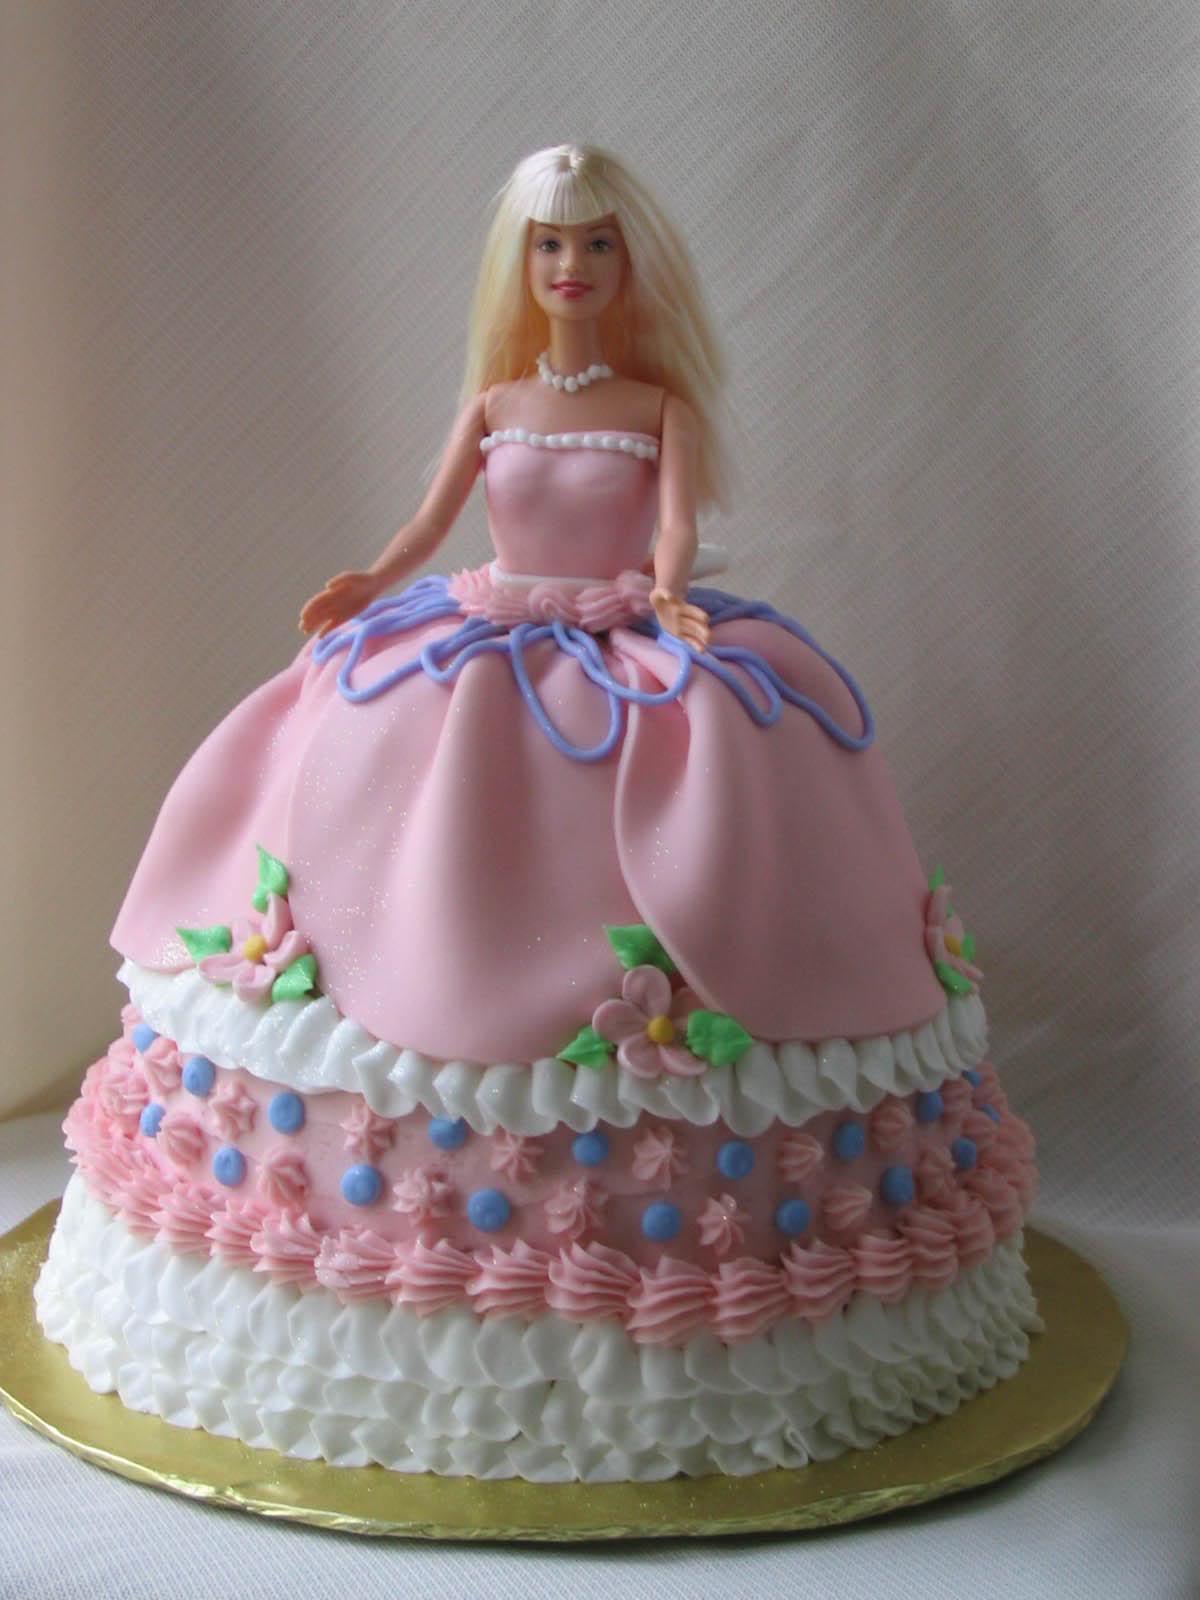 Groovy 12 Barbie Birthday Cakes For Girls Photo Barbie Birthday Cake Funny Birthday Cards Online Fluifree Goldxyz